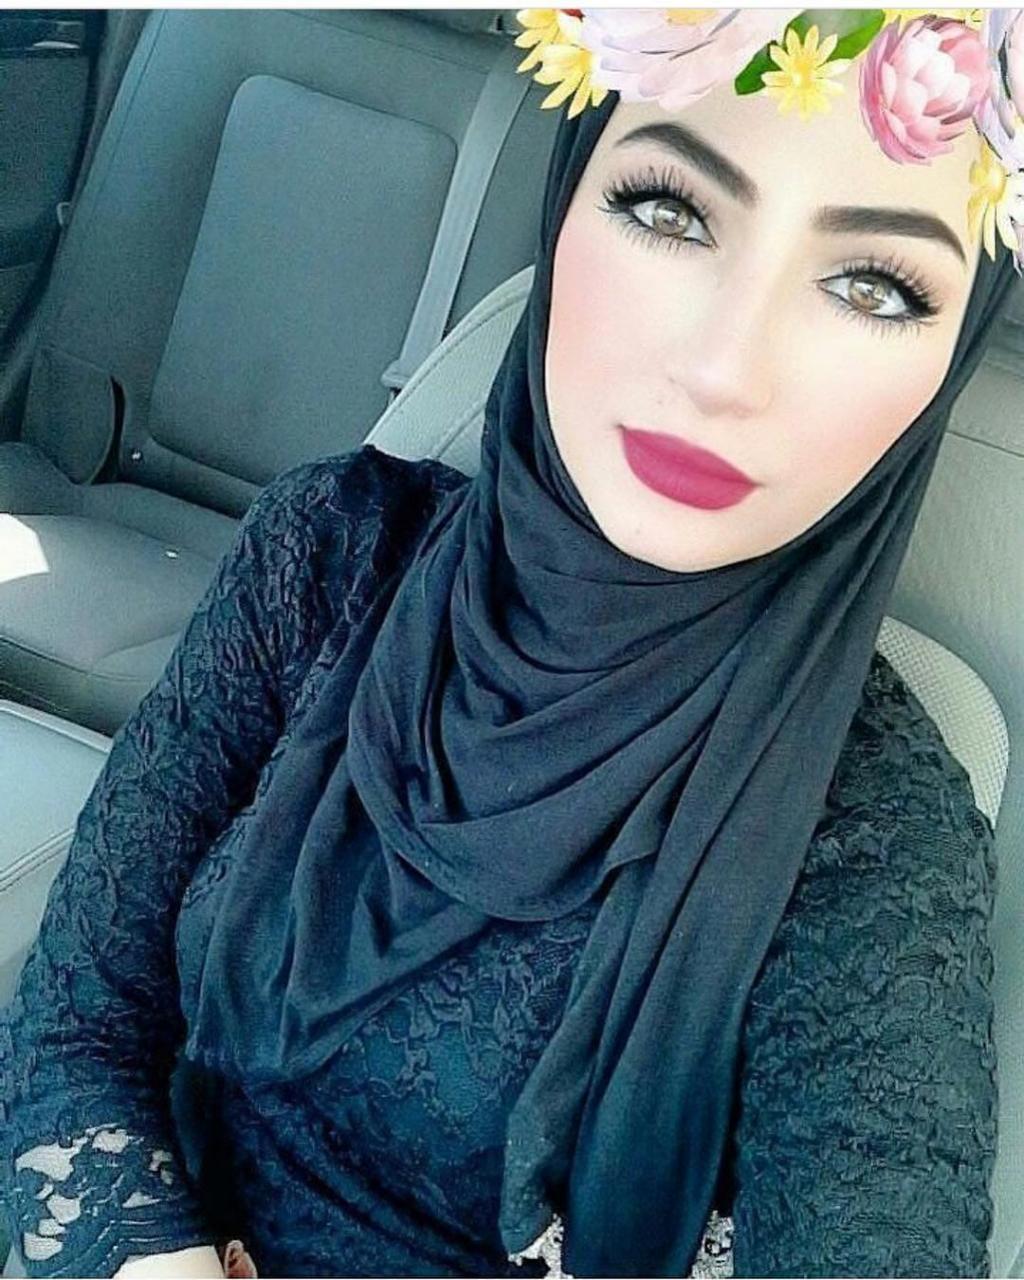 صورة صور بنات محجبات دلع , شاهد اجمل و احلي صور بنات محجبات 4299 6